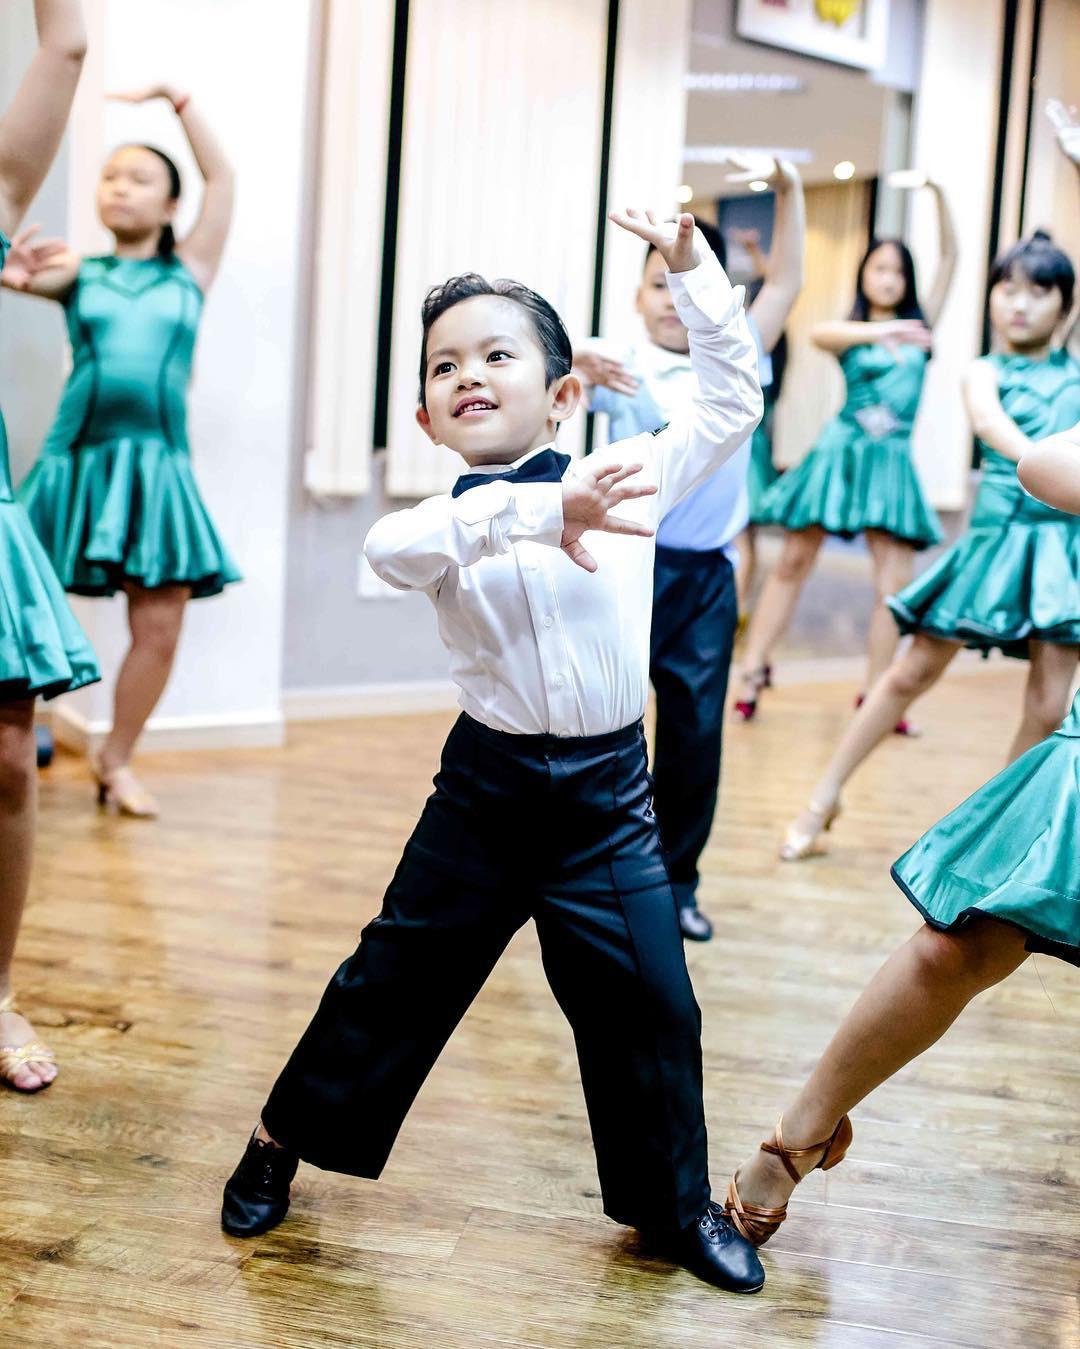 Bộc lộ năng khiếu dancesport khi mới hơn 3 tuổi, con trai Phan Hiển - Khánh Thi lần đầu ra sàn nhảy khiến nhiều người bất ngờ-3